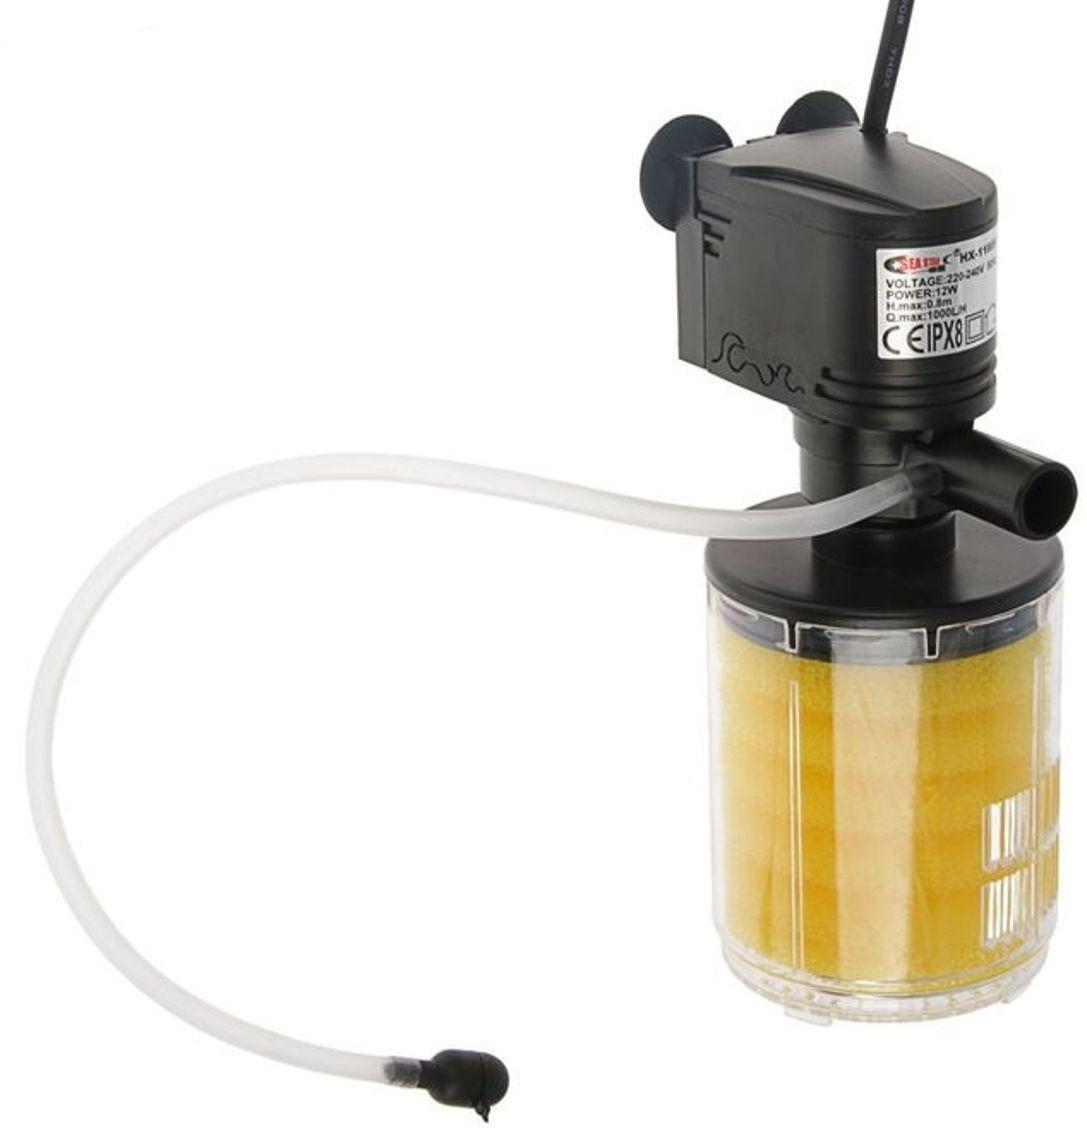 Фильтр внутренний аквариумный Sea Star HX-1180F, камерный, 1000 л/ч, 12 Вт фильтр внутренний аквариумный sea star hx 1380f камерный с бионаполнителем 1800 л ч 25 вт